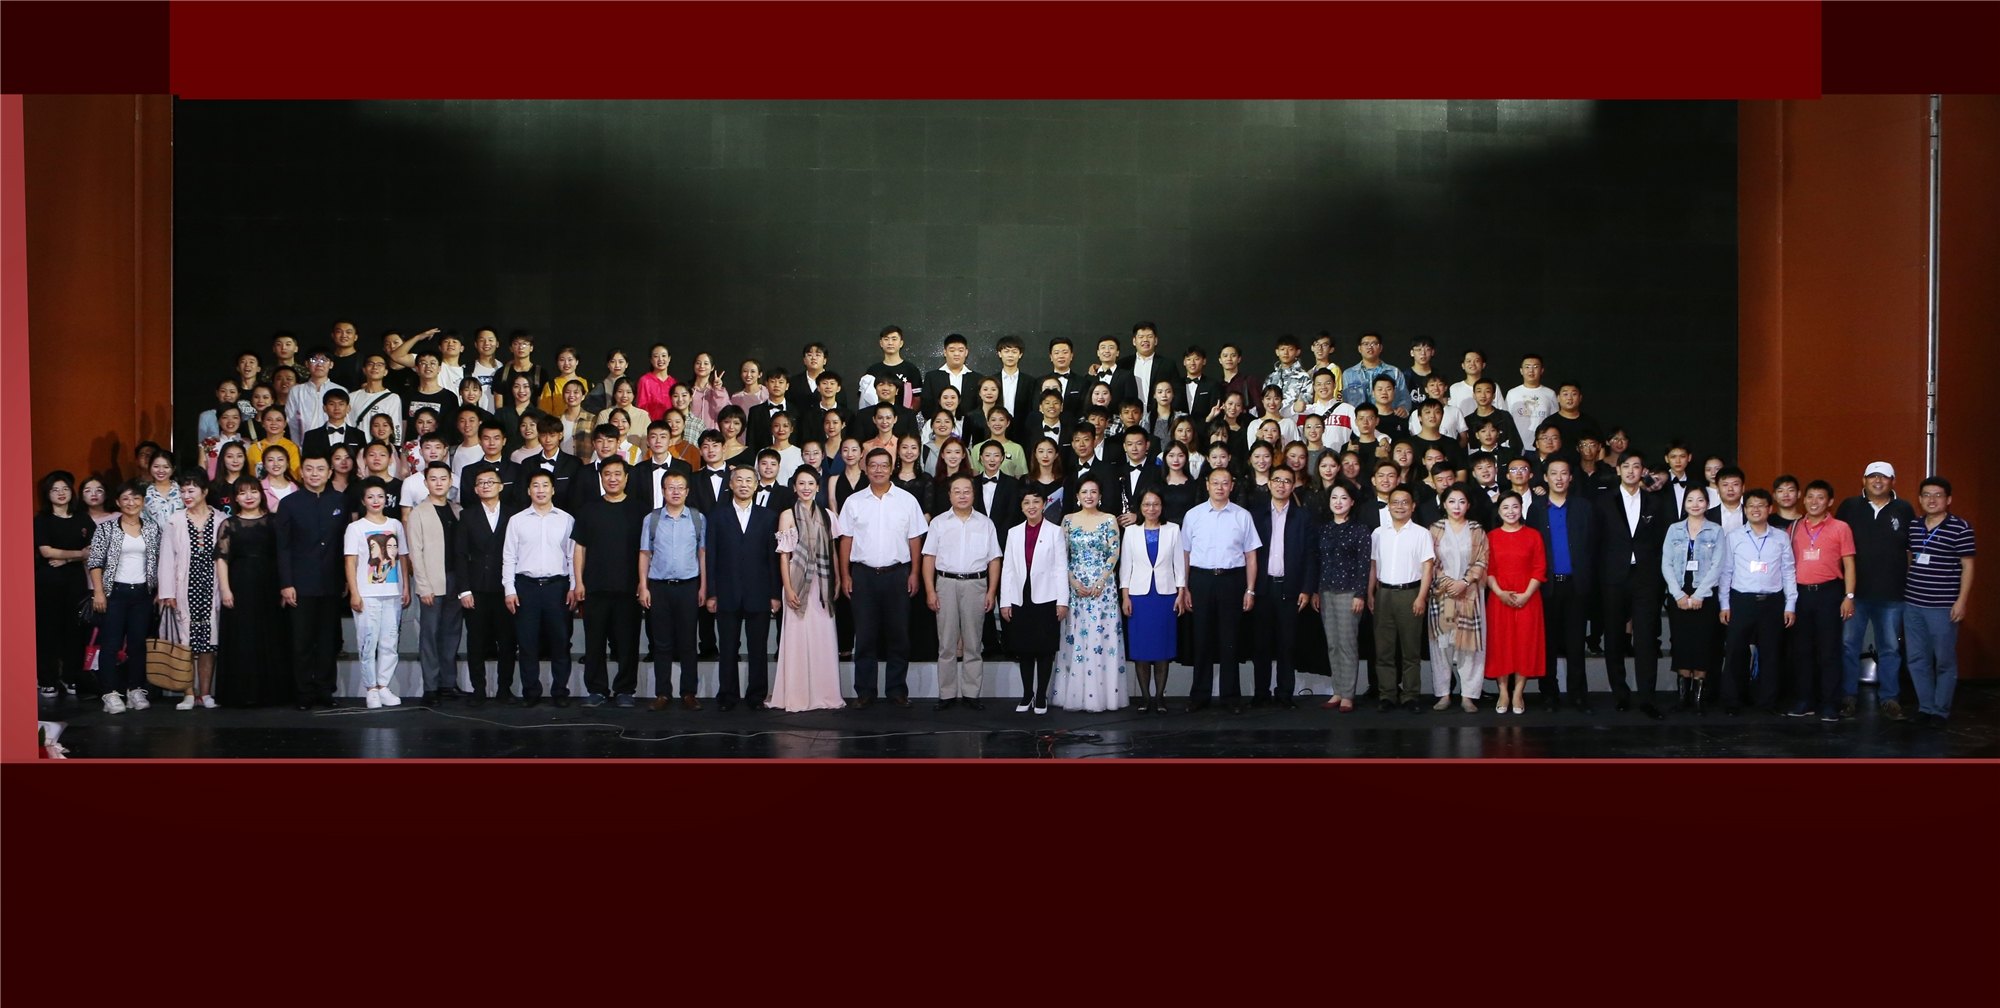 新澳门萄京娱乐场官网举办交响音乐会献礼70周年校庆